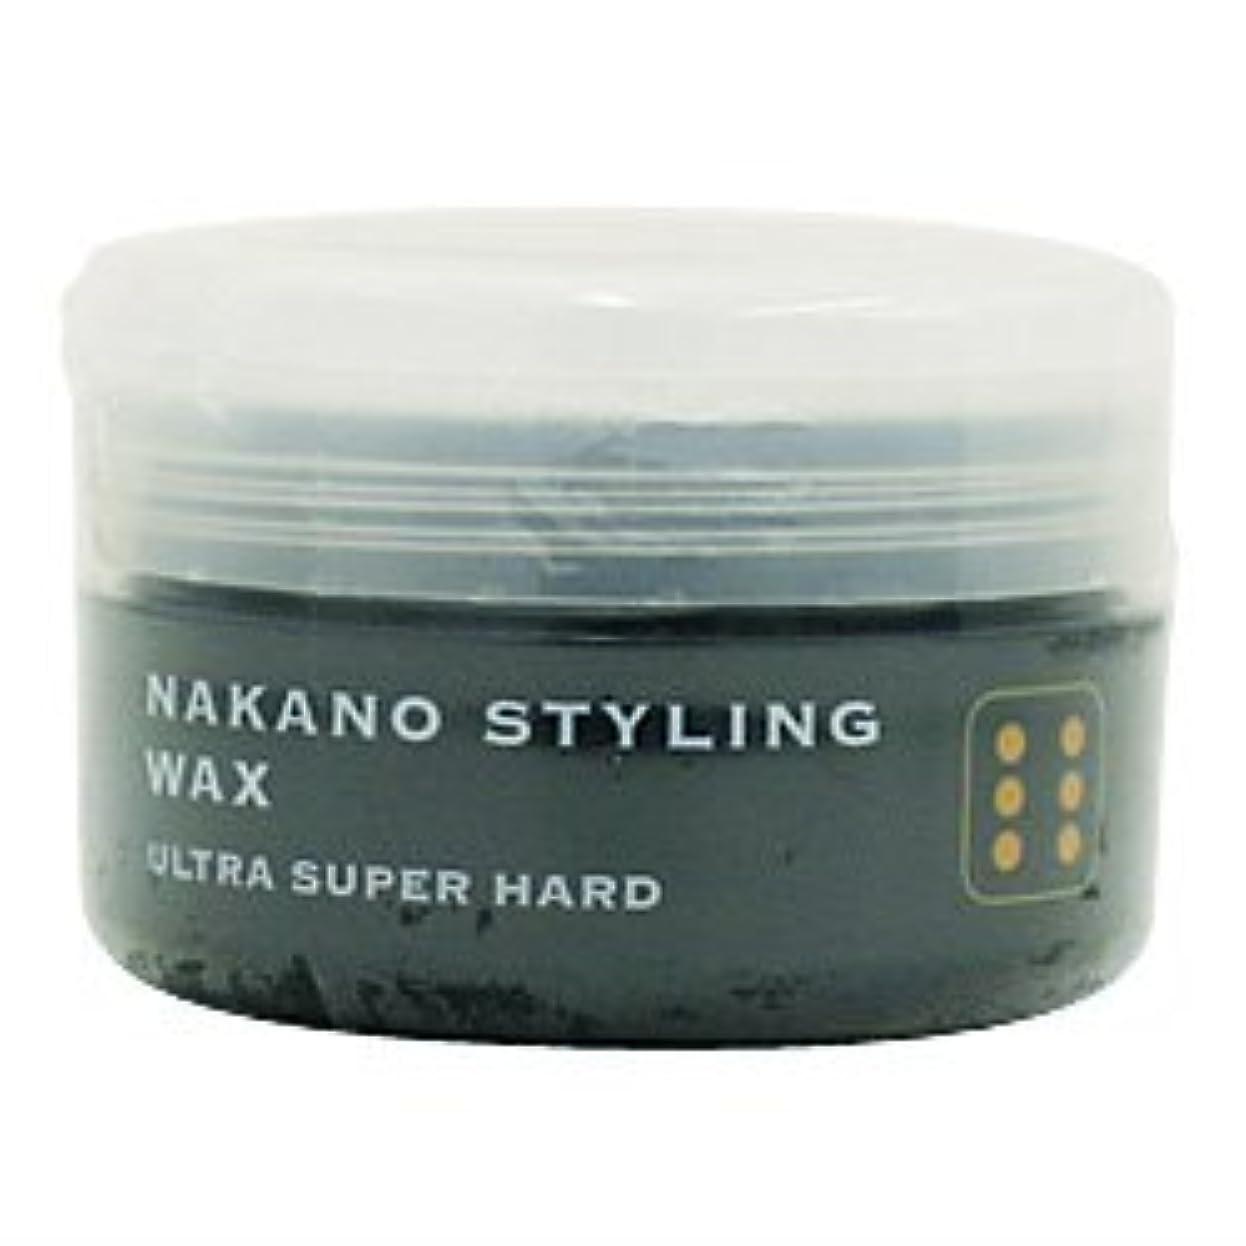 コンサルタント瞬時に驚くべきナカノ スタイリングワックス 6 ウルトラスーパーハード 90g 中野製薬 NAKANO